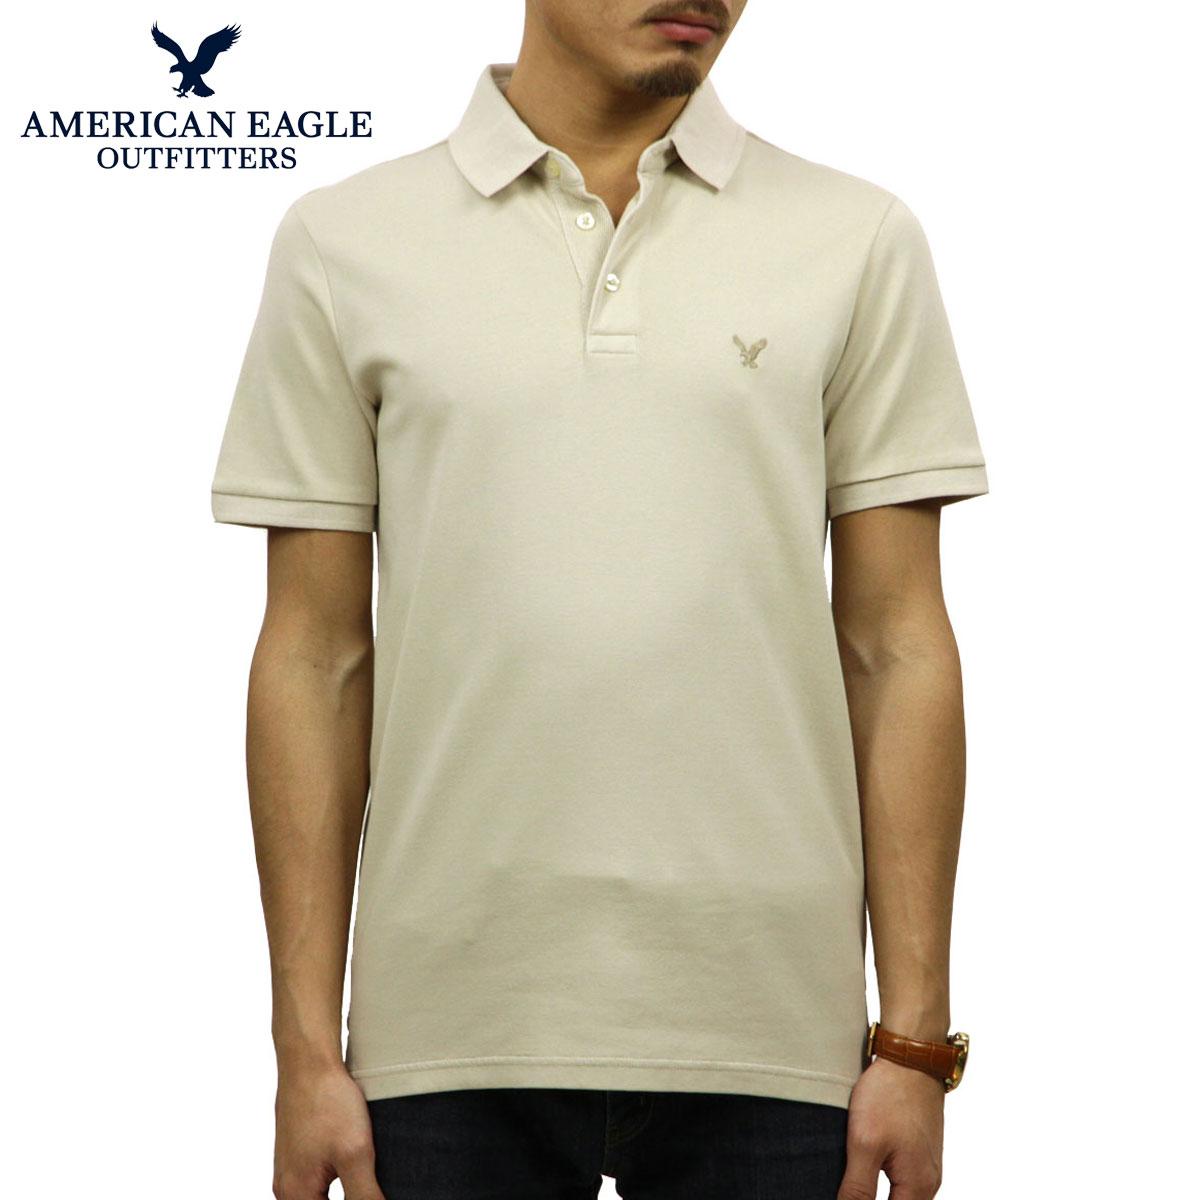 【ポイント10倍 12/19 20:00~12/26 09:59まで】 アメリカンイーグル AMERICAN EAGLE 正規品 メンズ ワンポイントロゴ 半袖ポロシャツ AE Ultra Soft Logo Polo Shirt 1165-8848-212